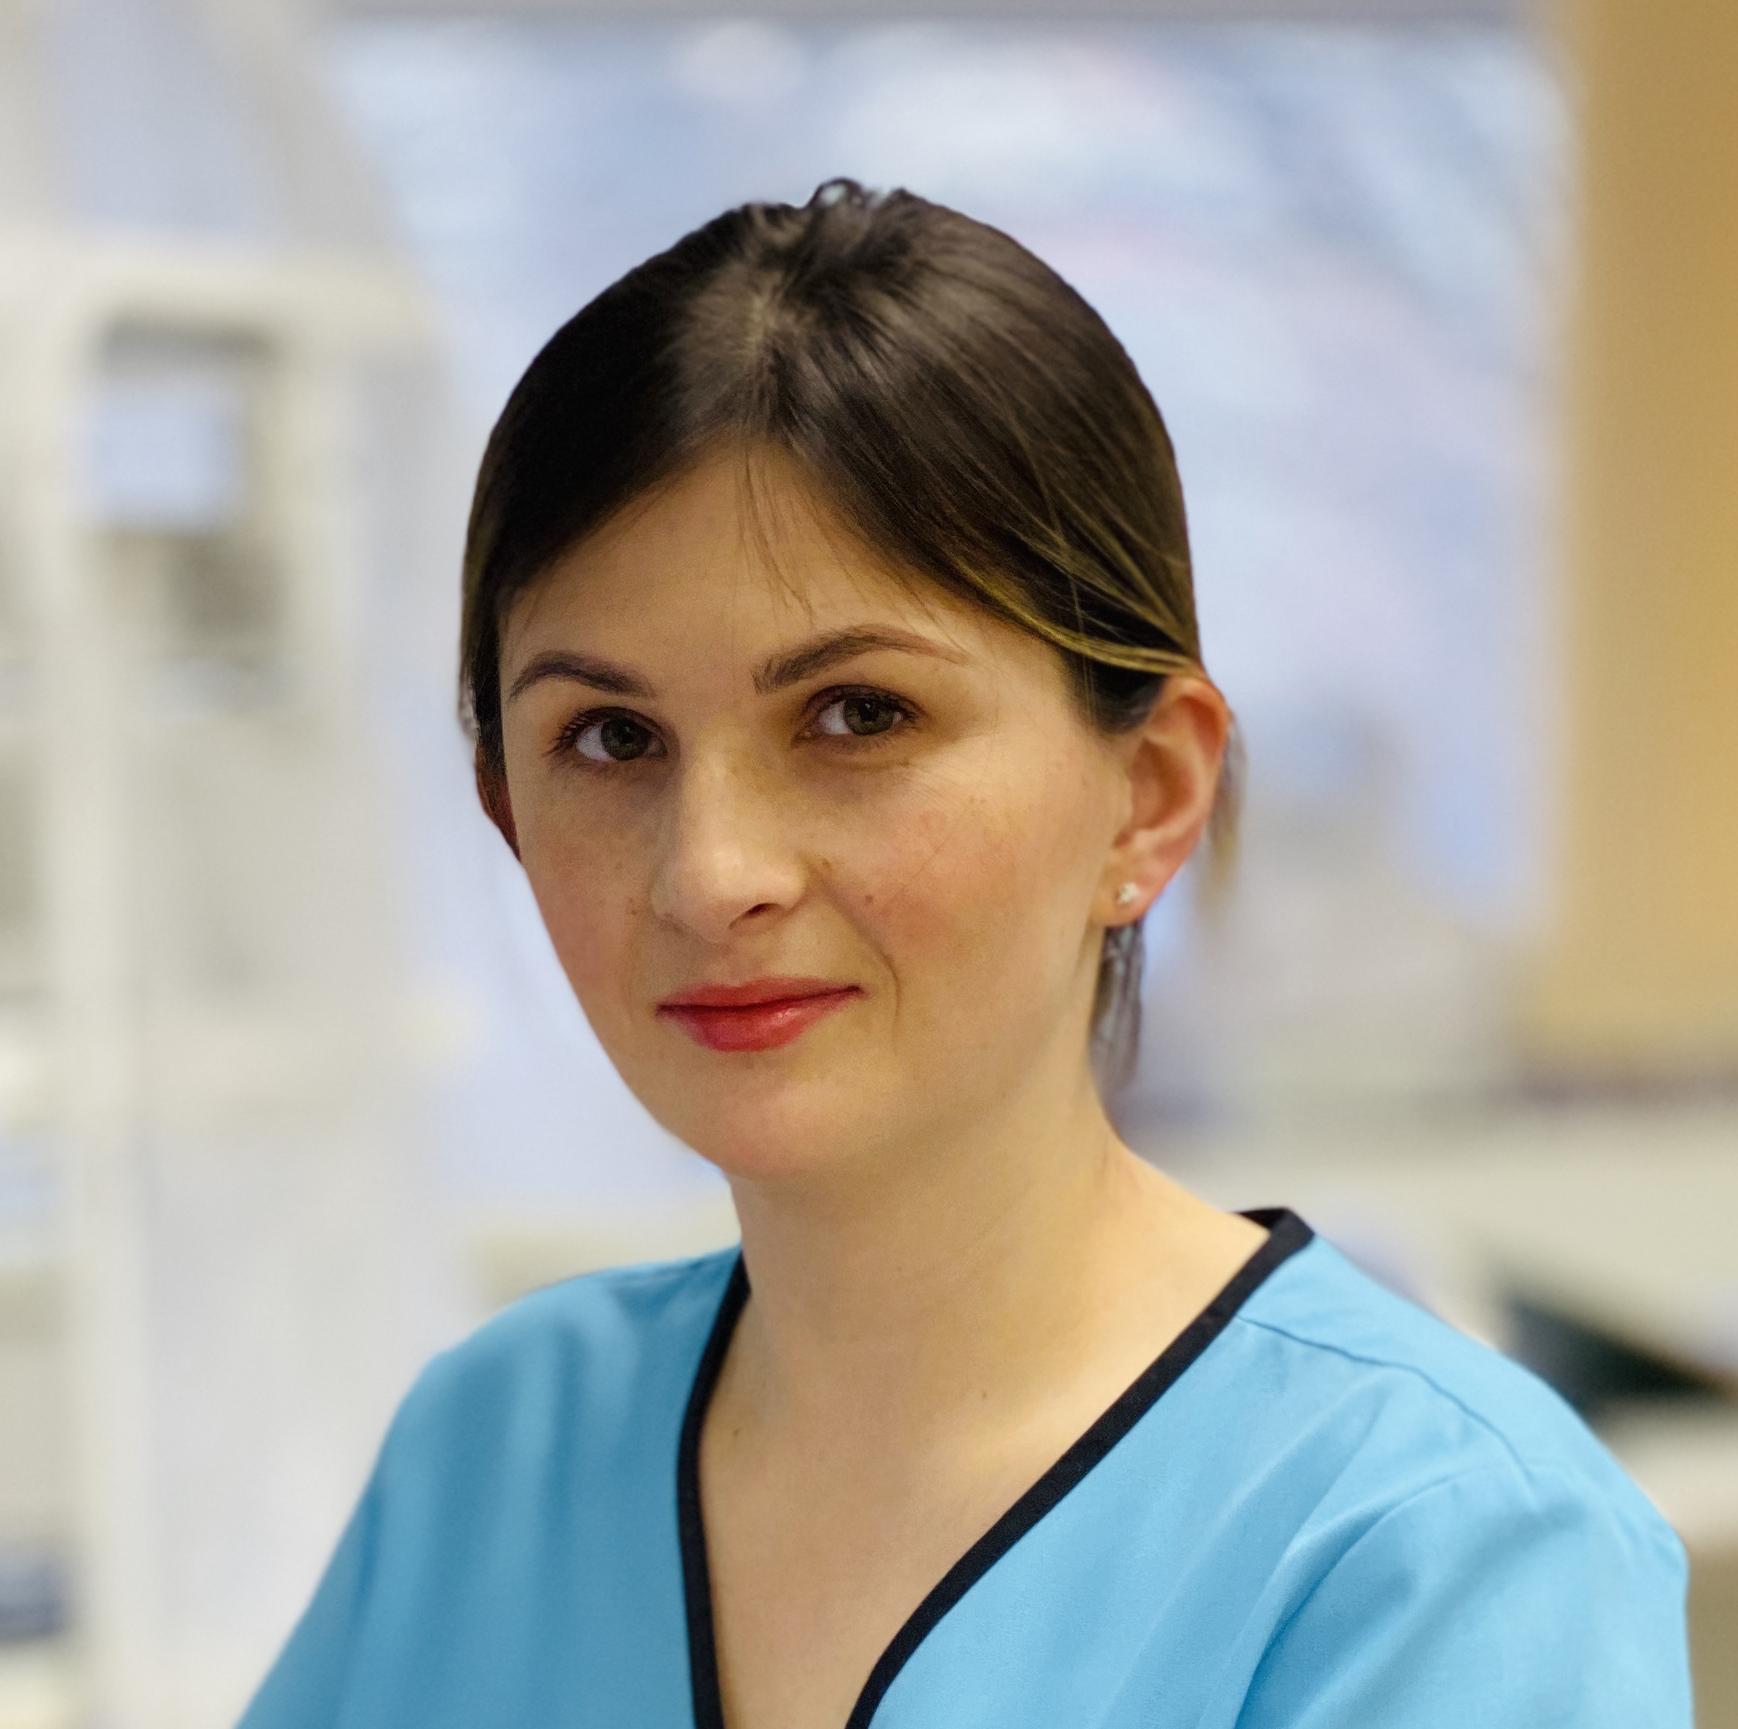 Сылко Ольга Юрьевна - Гастроэнтеролог-эндоскопист